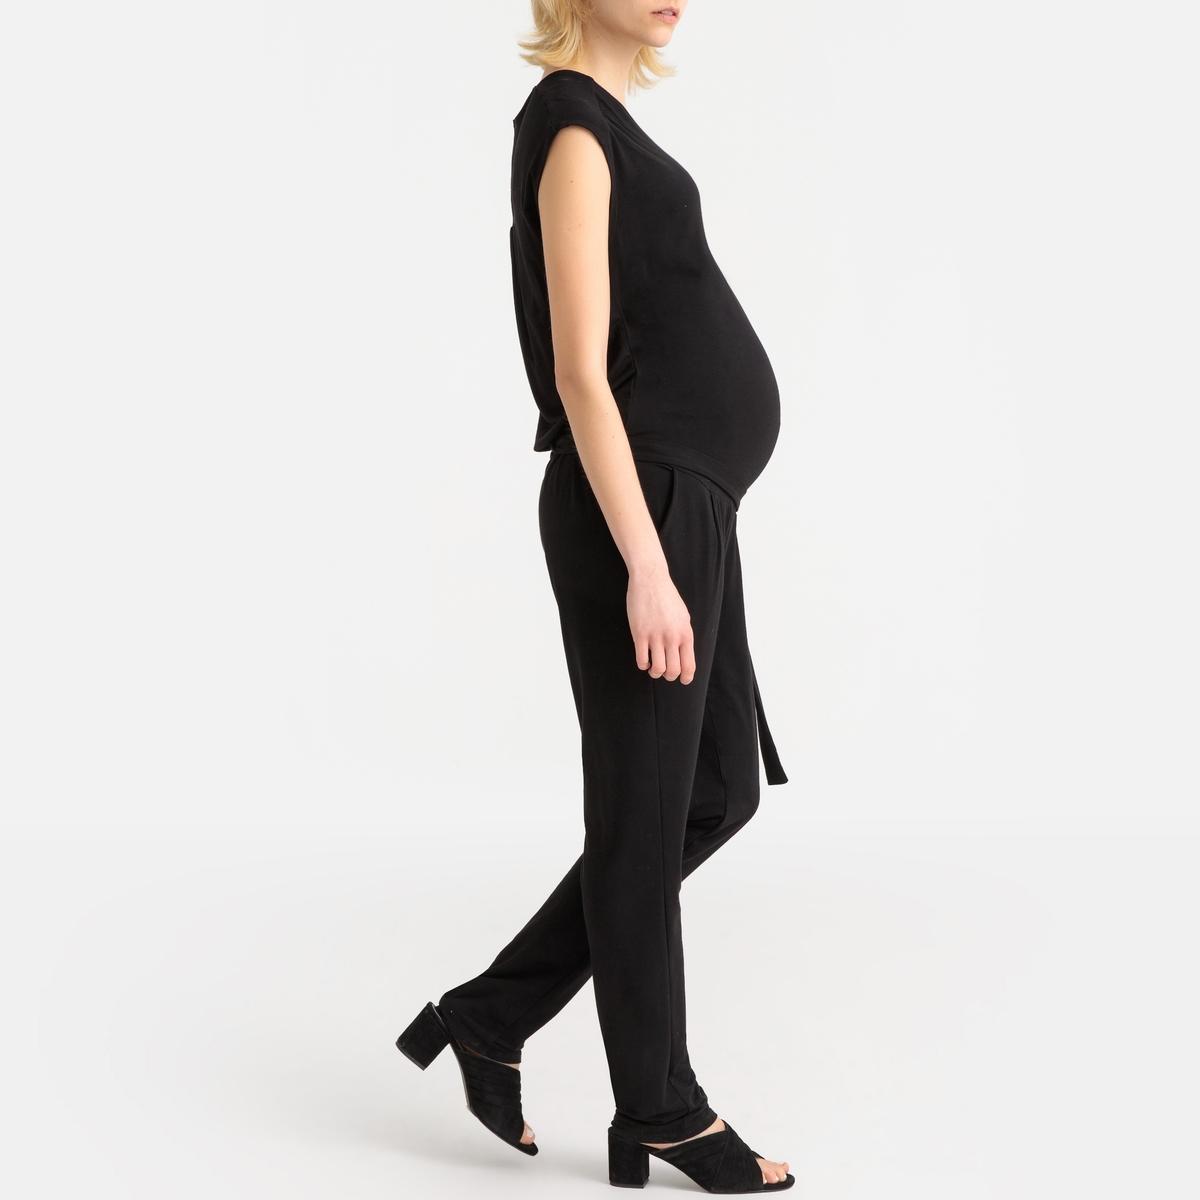 Комбинезон La Redoute С запахом без рукавов для периода беременности S черный